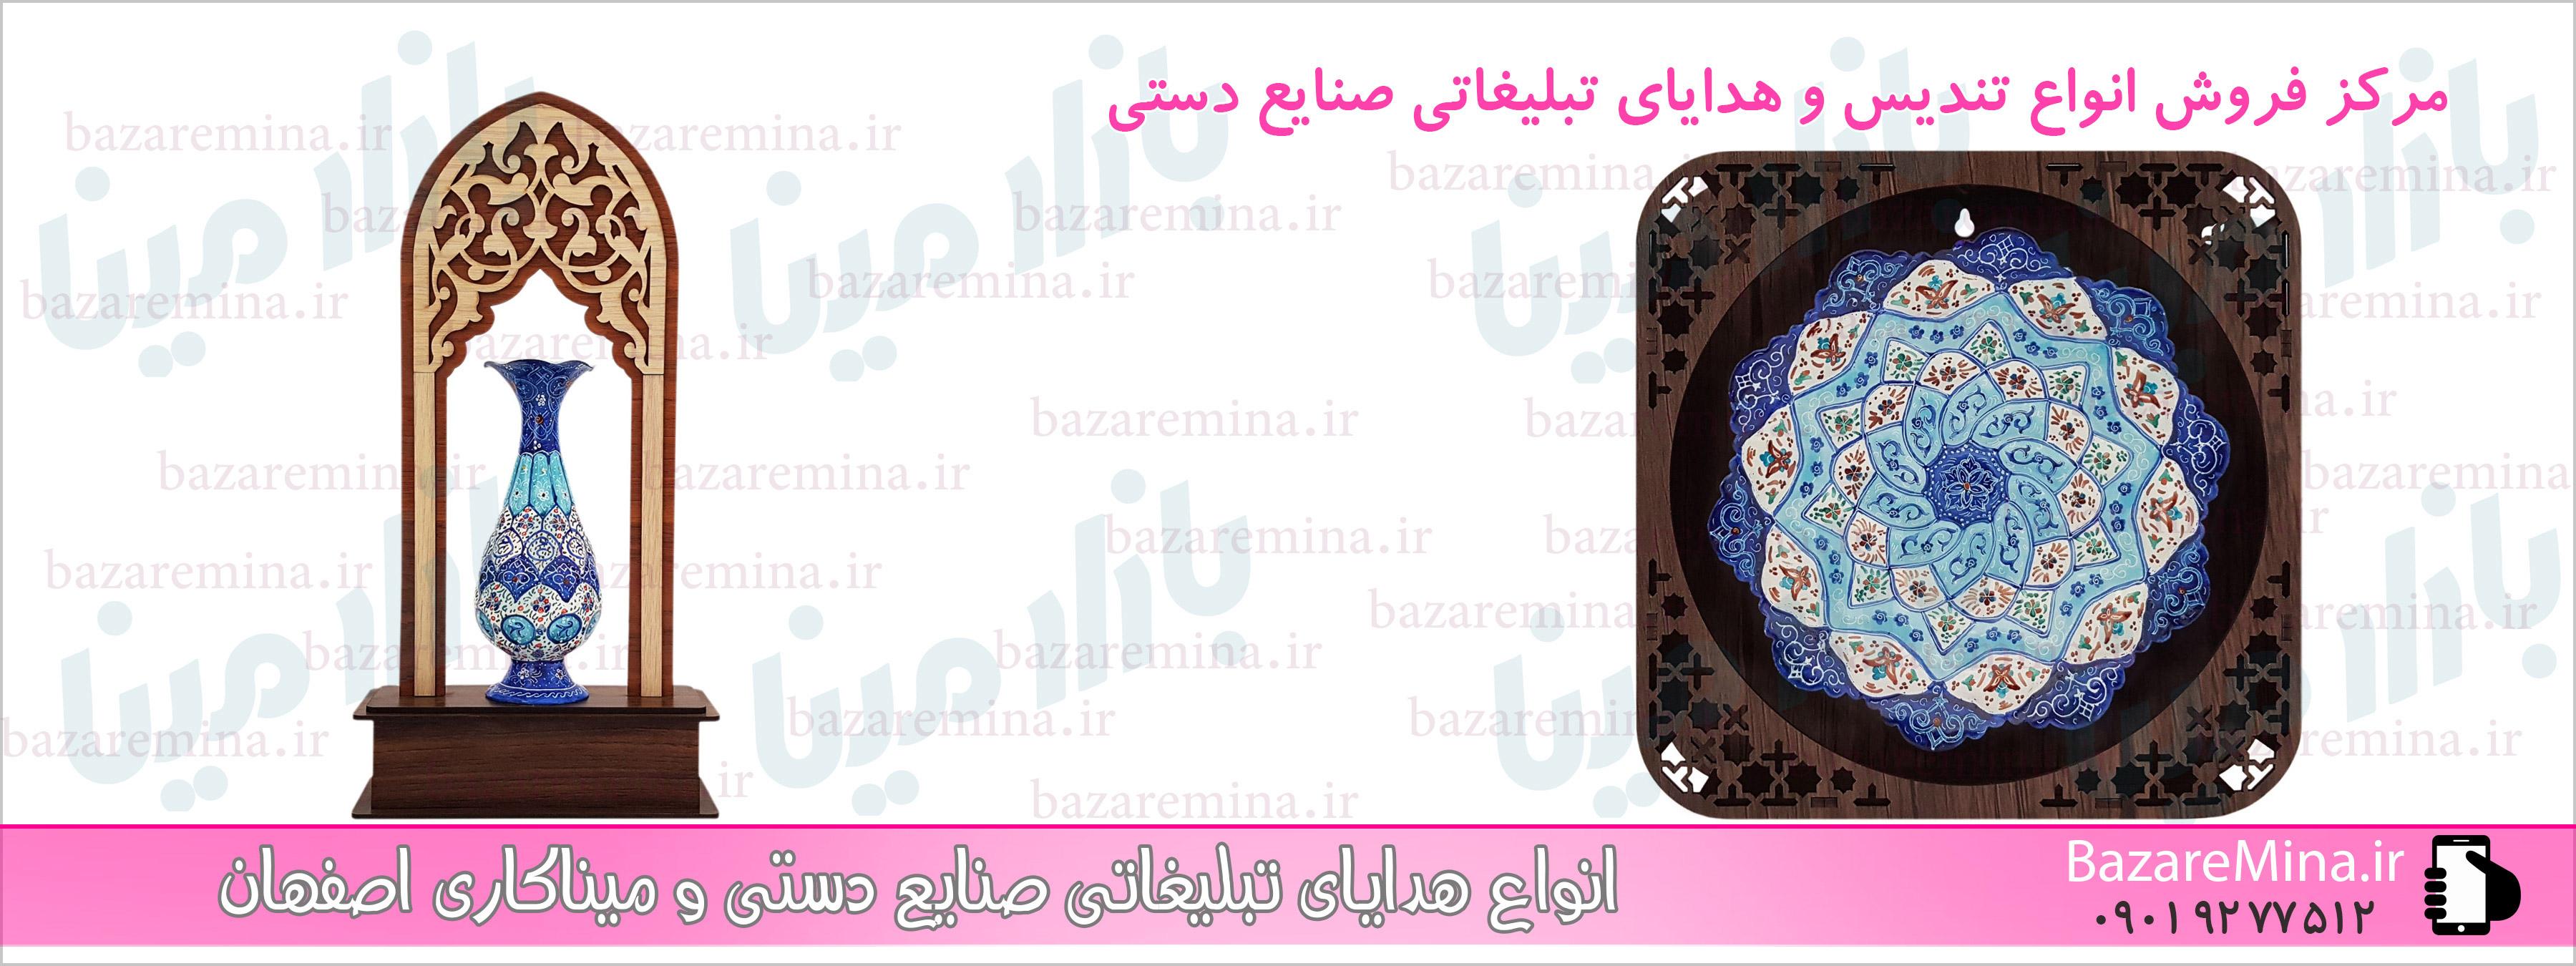 هدایای تبلیغاتی ارزان تهران